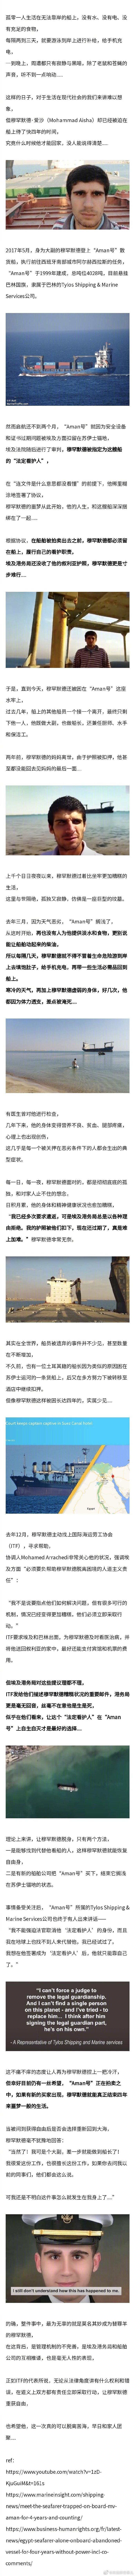 因为一场荒谬的判决,他被独自困在一艘无法靠岸的船上四年之久